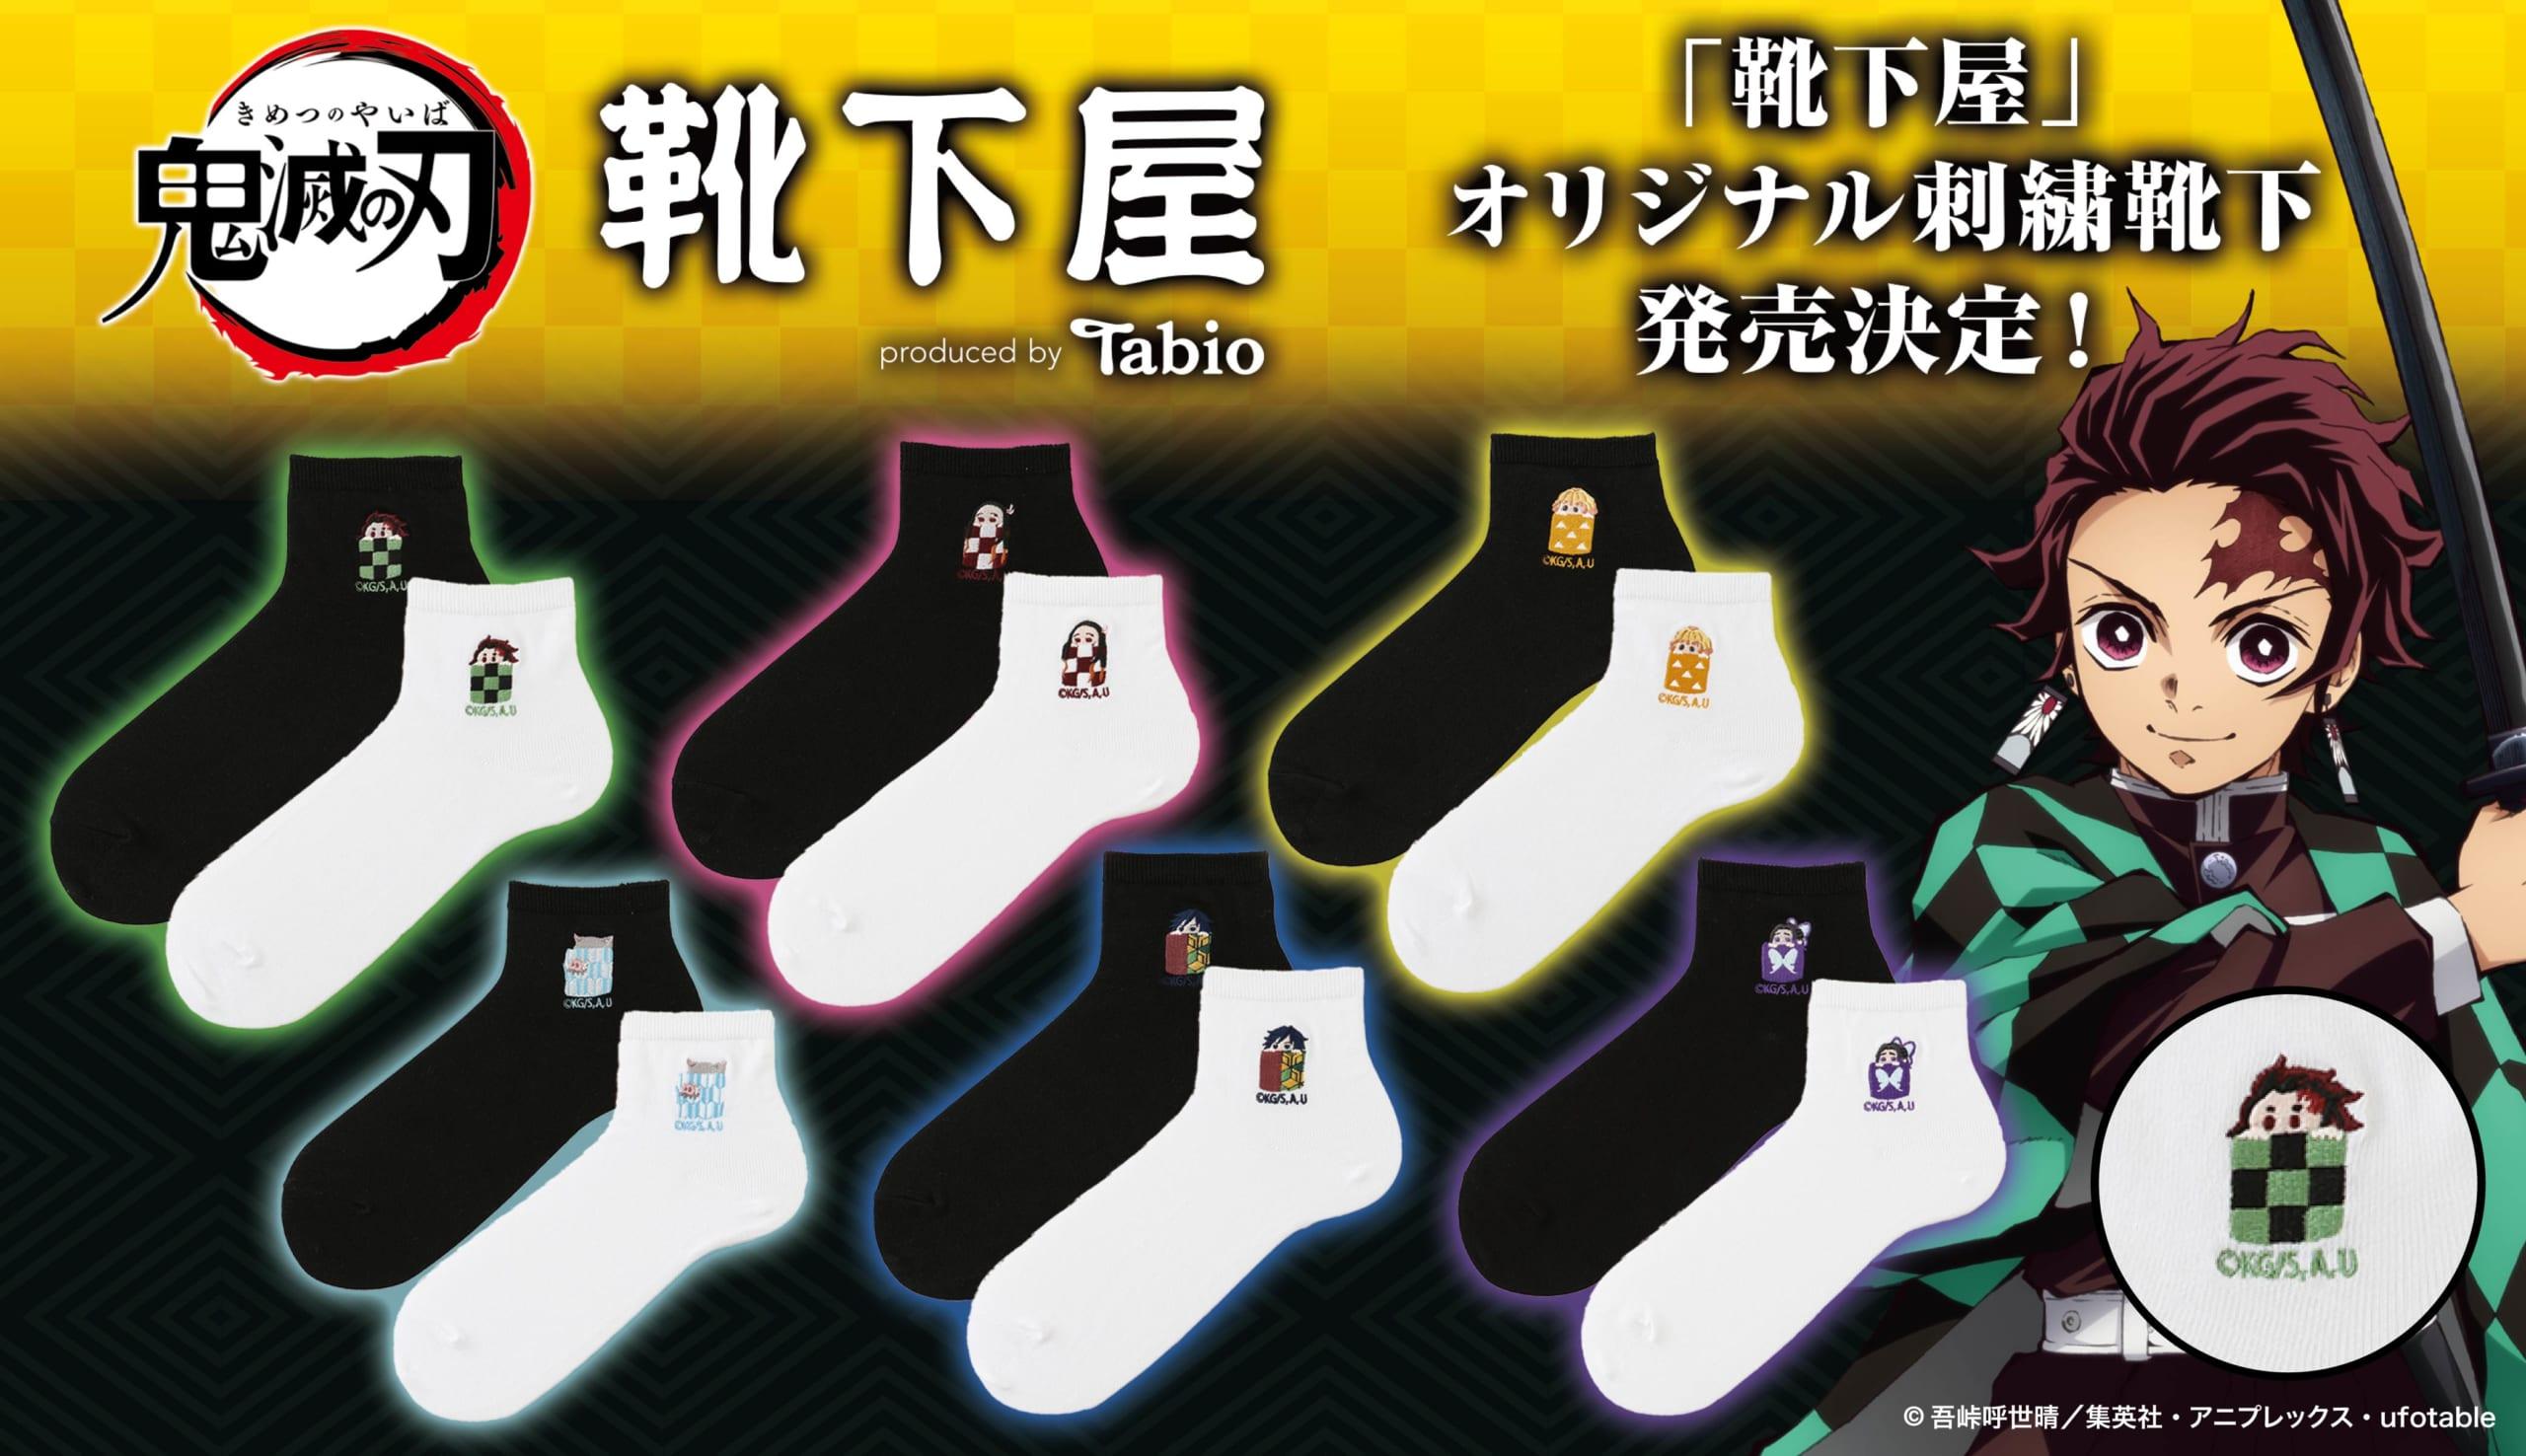 『鬼滅の刃』×「靴下屋」各モチーフの籠に隠れた伊之助たちが可愛い刺繍靴下登場!